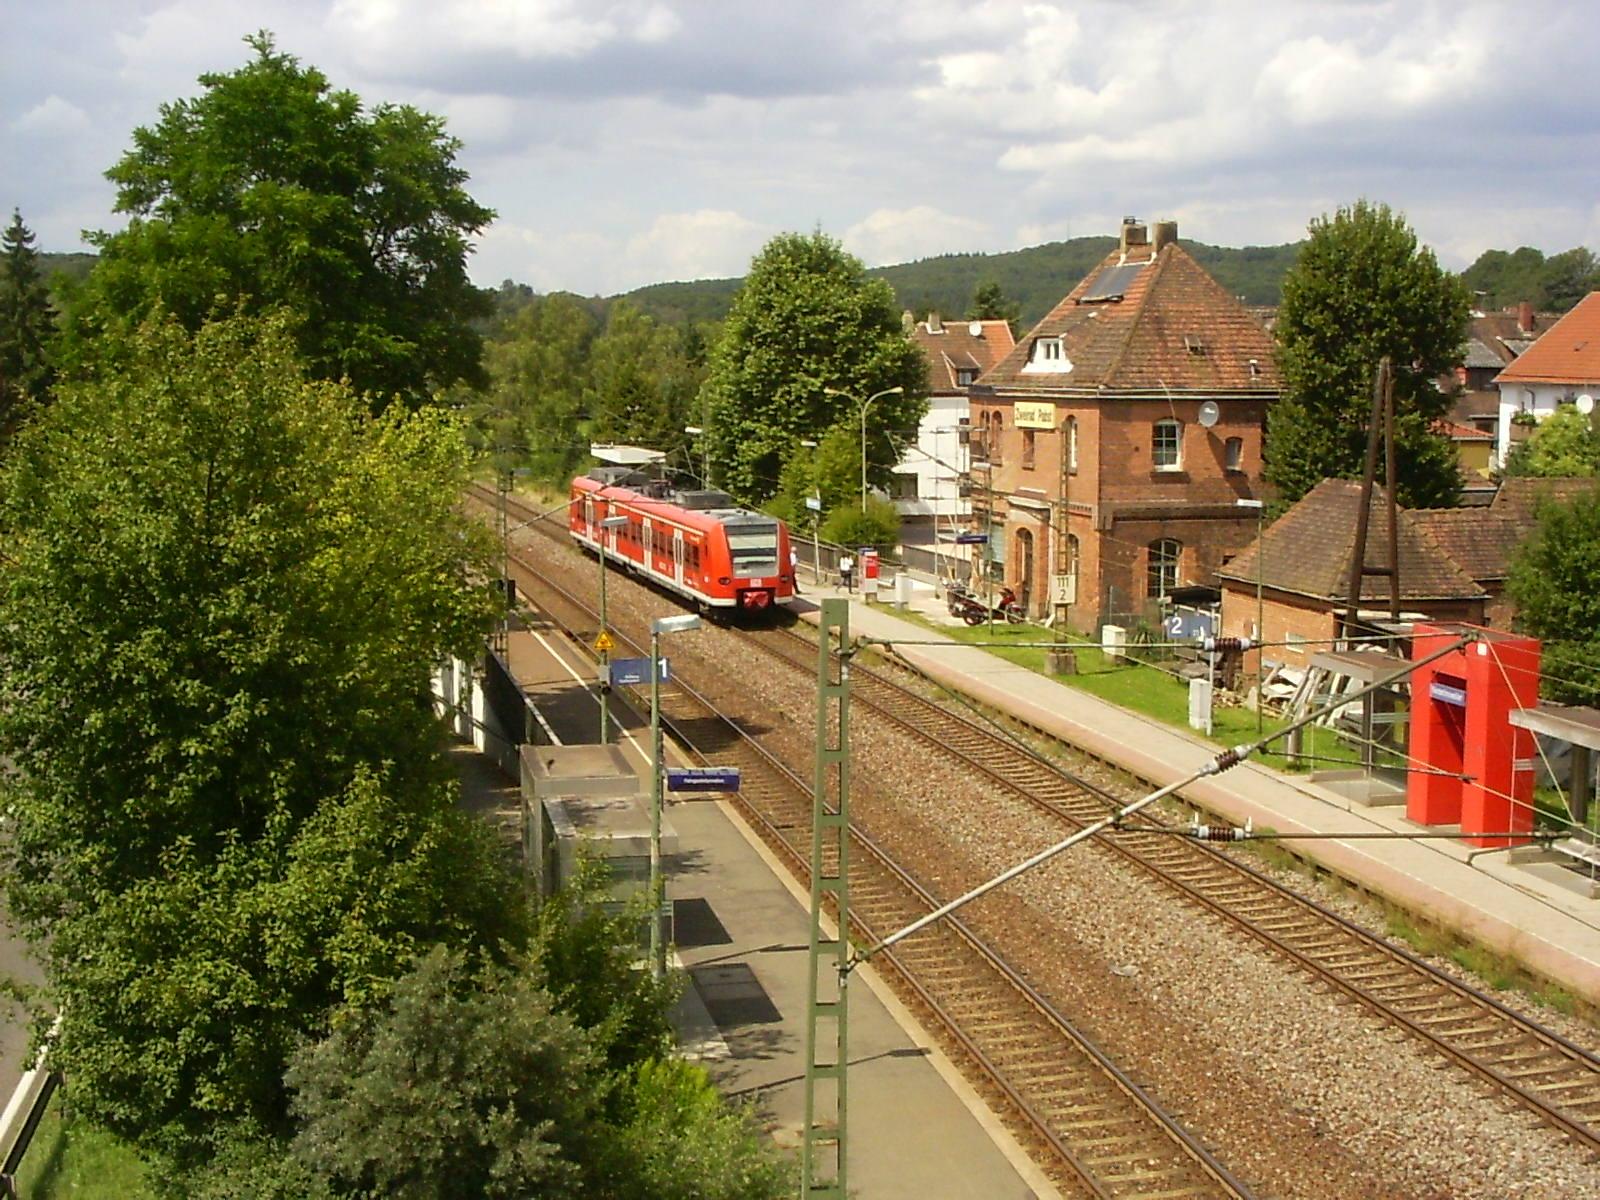 File:Bahnhof-Niederlinxweiler.JPG - Wikimedia Commons